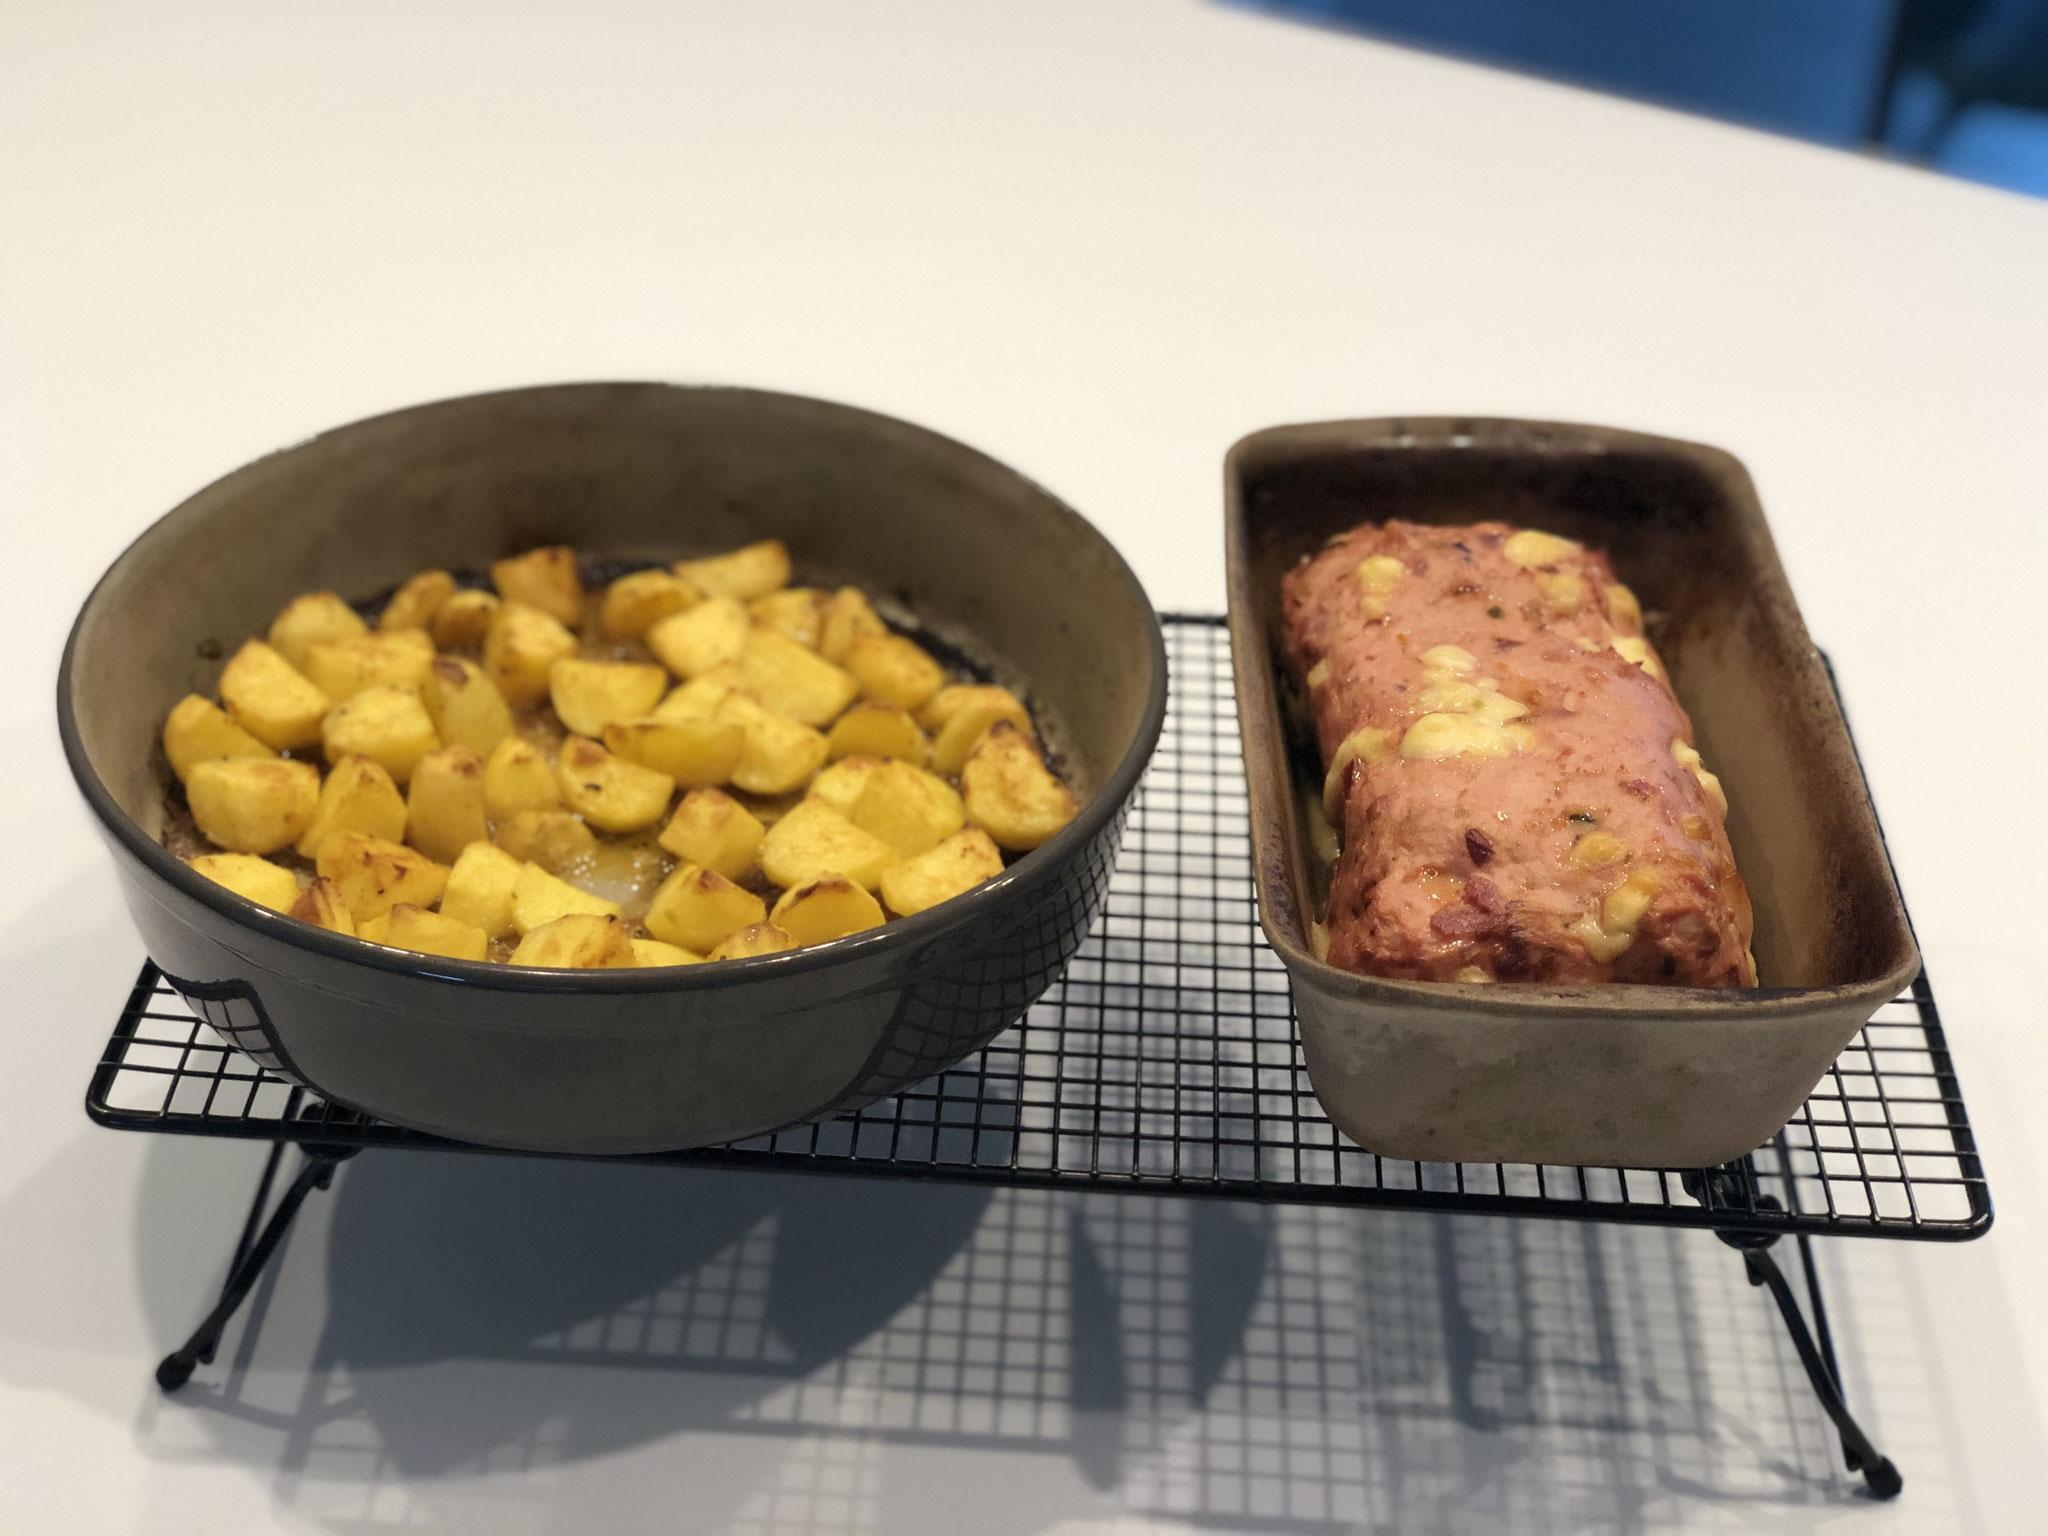 In der Zwischenzeit die Kartoffeln zubereiten und zu dem Fleischkäse im Backofen stellen udn mitgaren lassen...